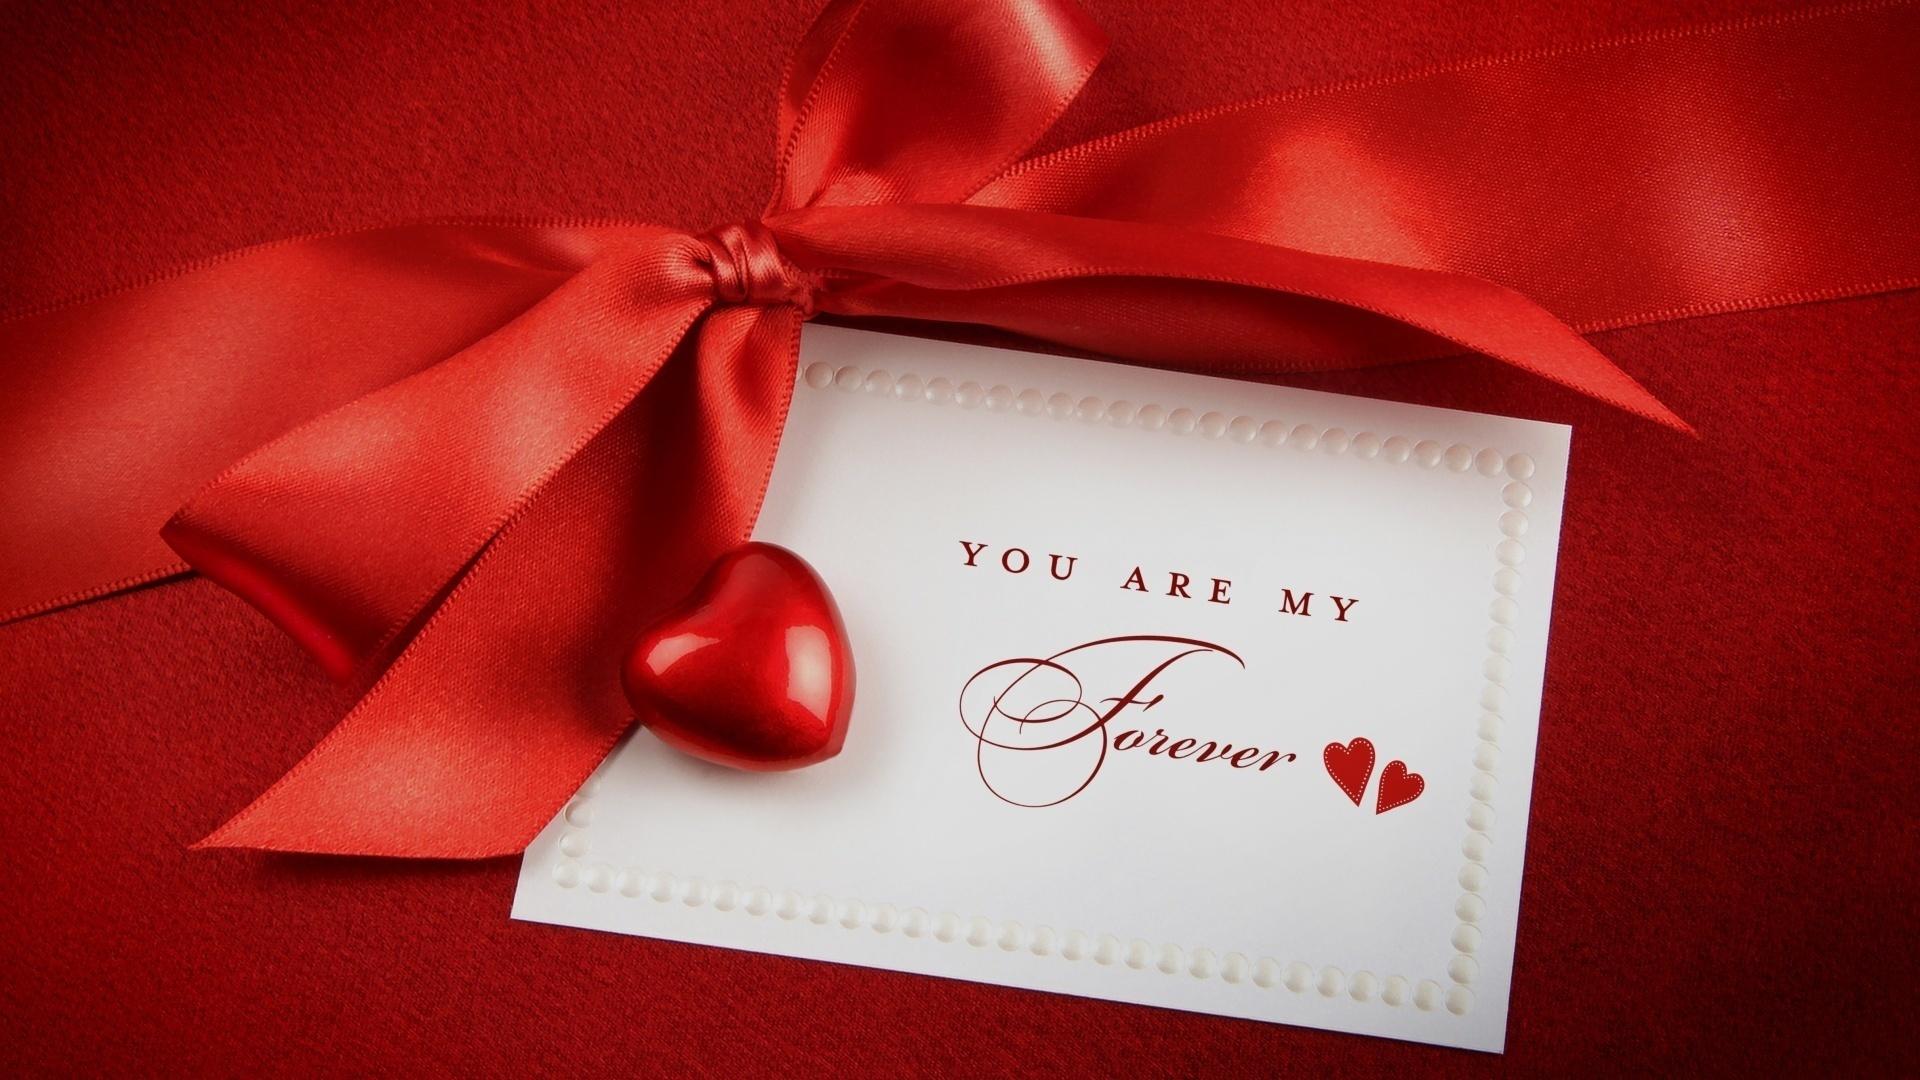 Днем рождения, открытка с романтическими признаниями